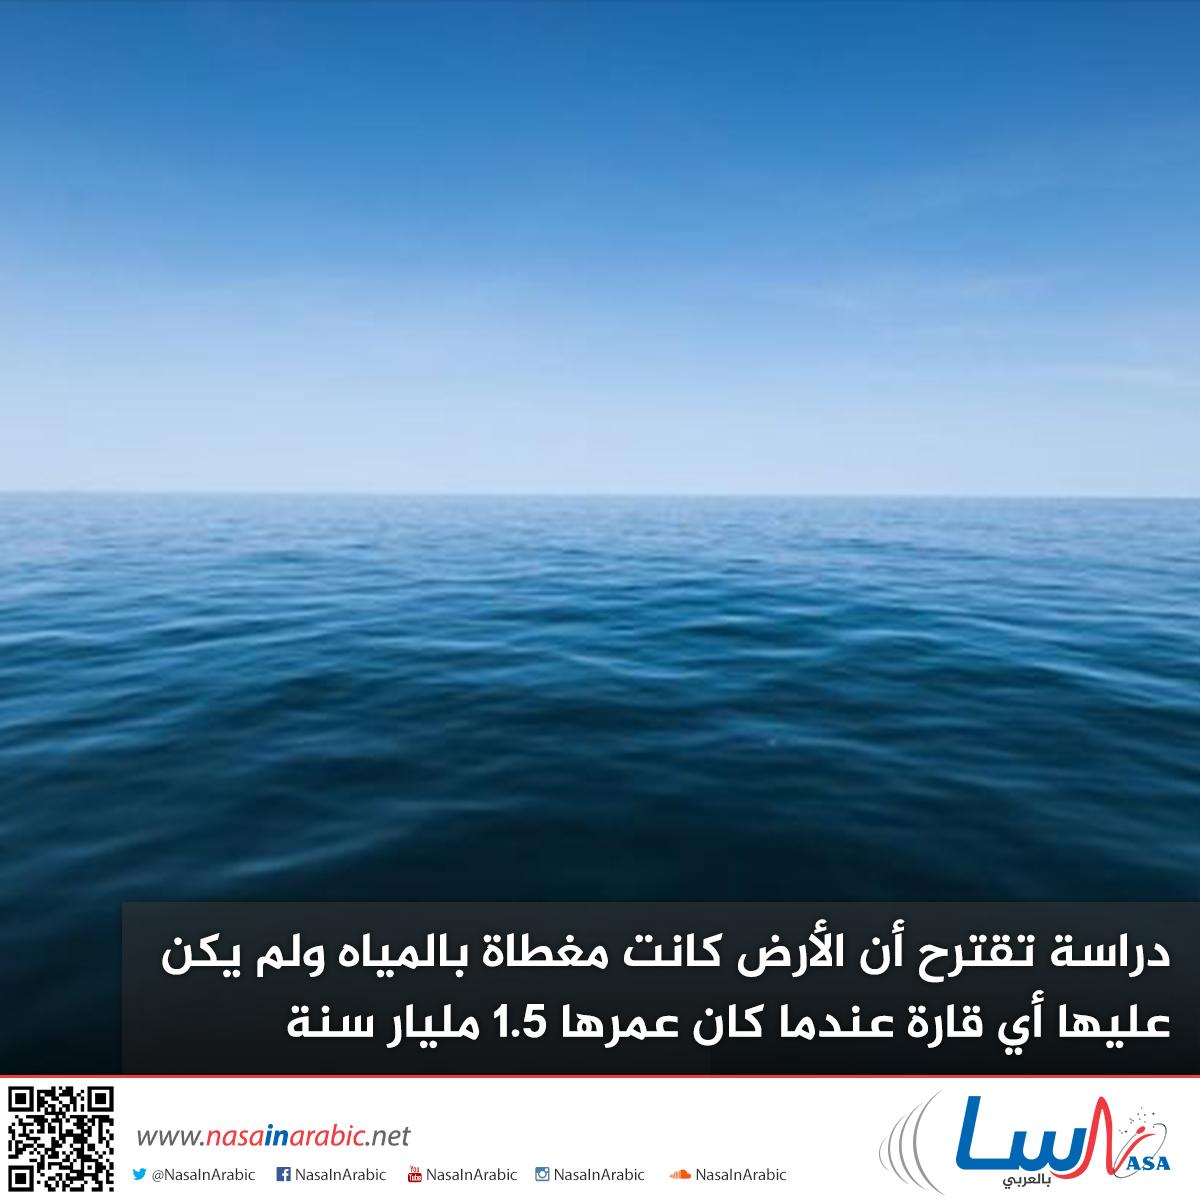 دراسة تقترح أن الأرض كانت مغطاة بالمياه ولم يكن عليها أي قارة عندما كان عمرها 1.5 مليار سنة